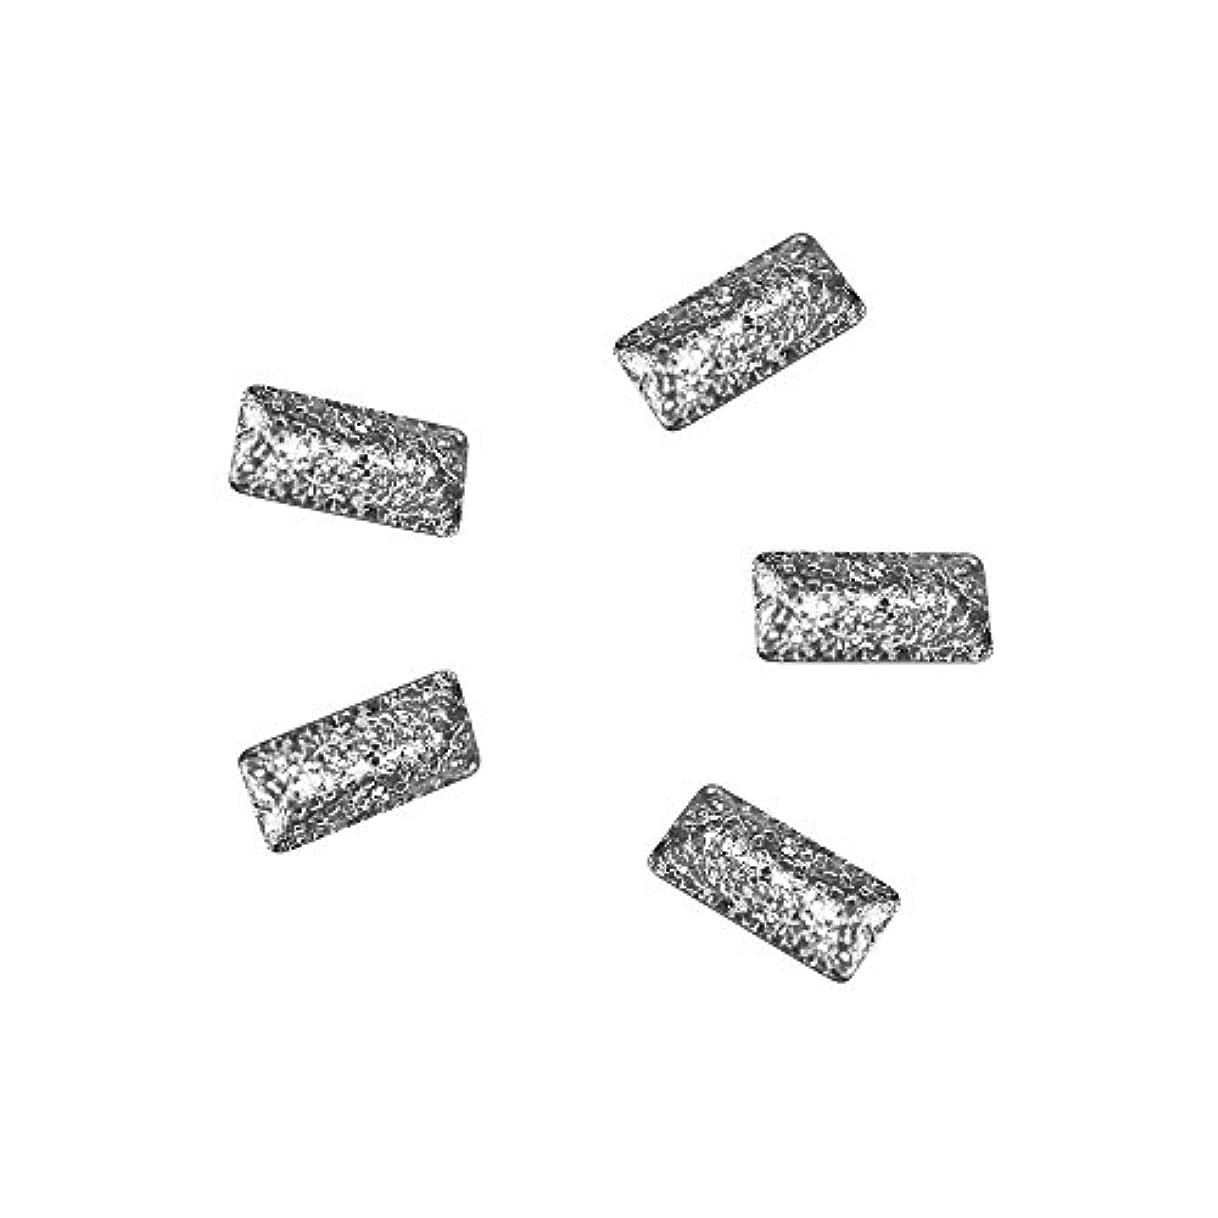 時計回り速度レベルBonnail ラフスタッズシルバー レクタングル3×1.2mm